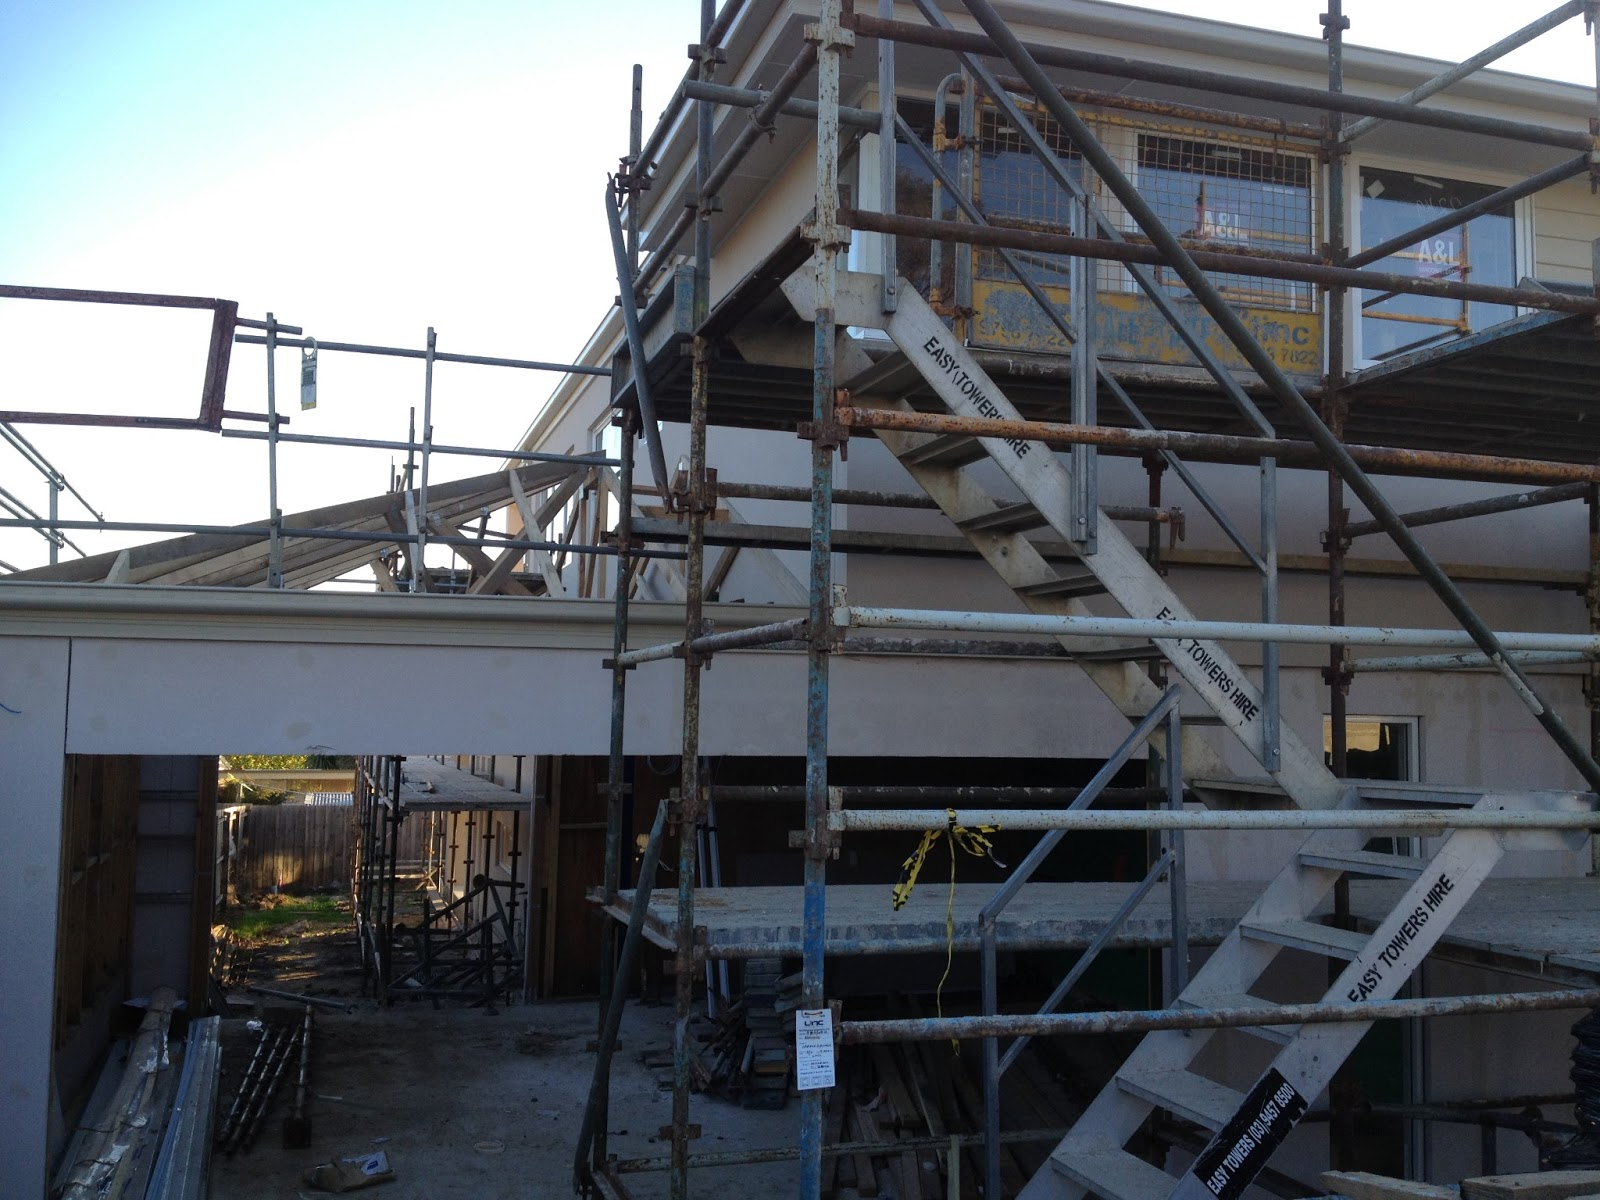 Carter grange radisson 43 custom build day 119 ready to for Custom roof trusses